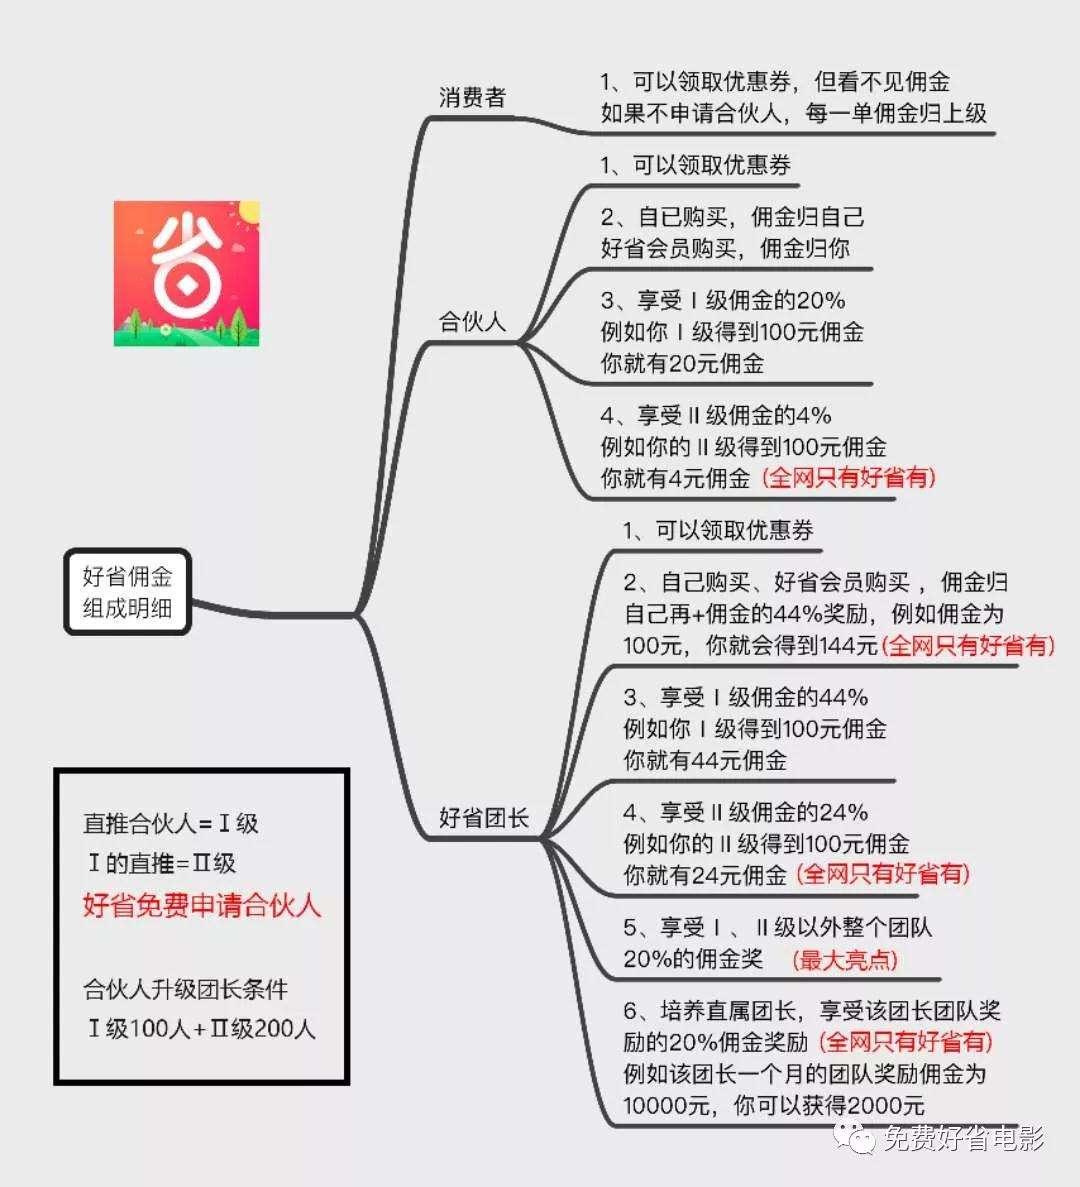 方便在手机上做的副业有哪几个可以落地副业项目1